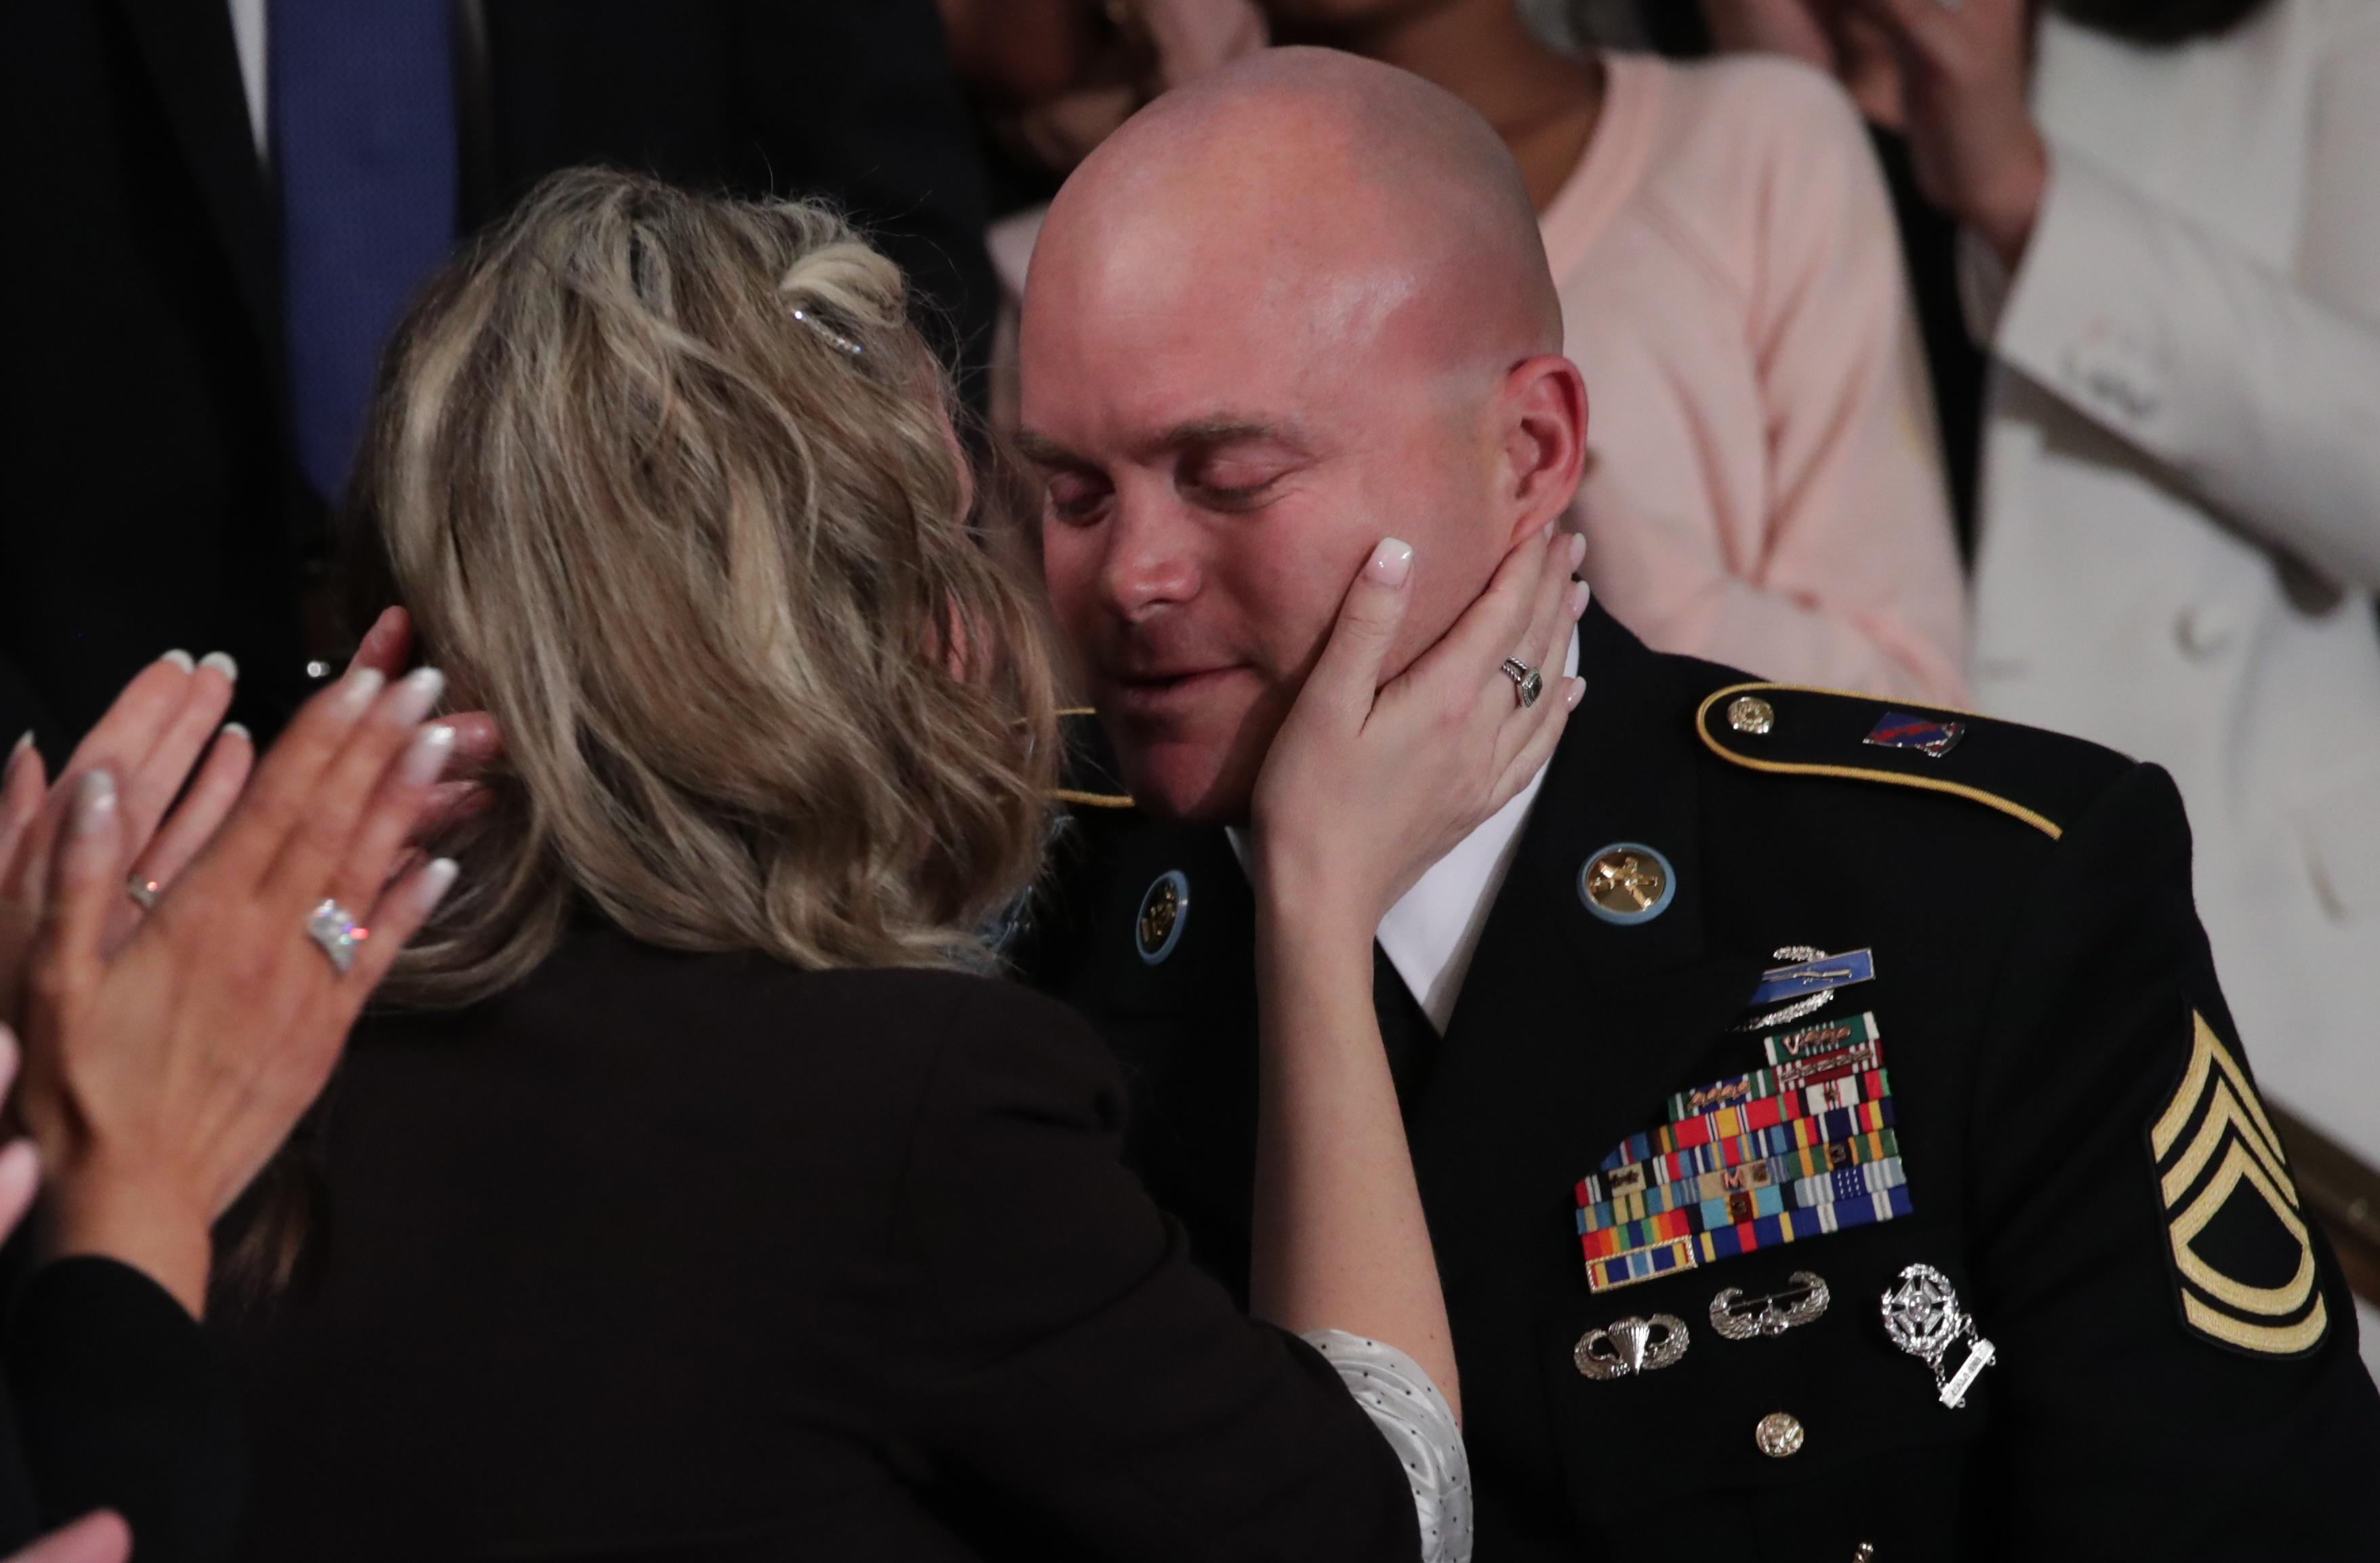 جندى يلتقى بزوجته لأول مرة منذ سنوات